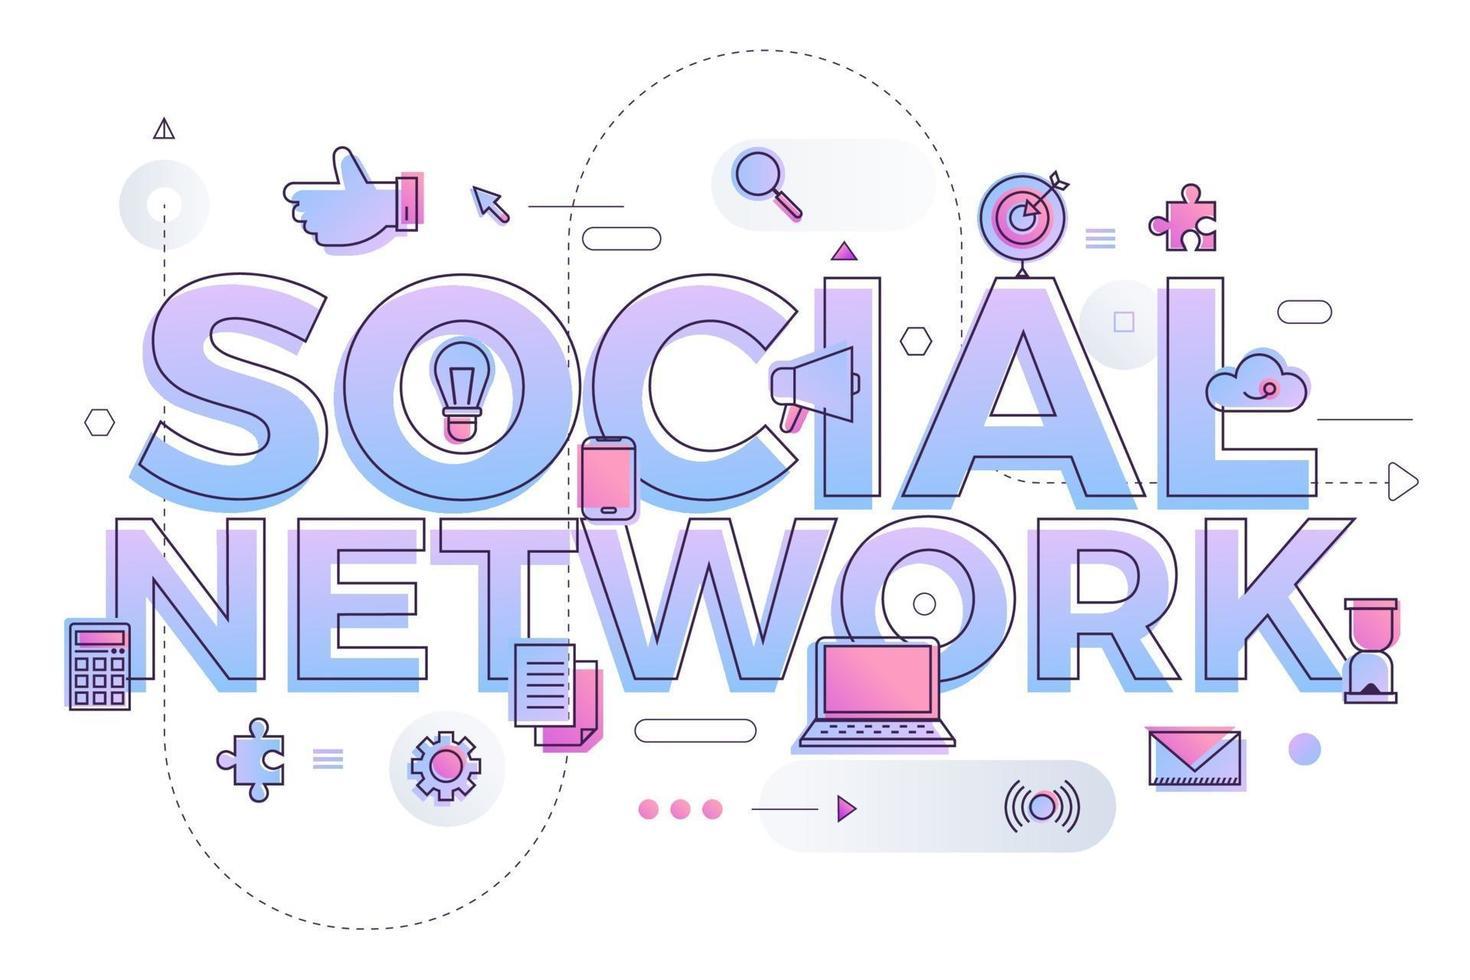 zakelijk woord sociaal netwerk vector